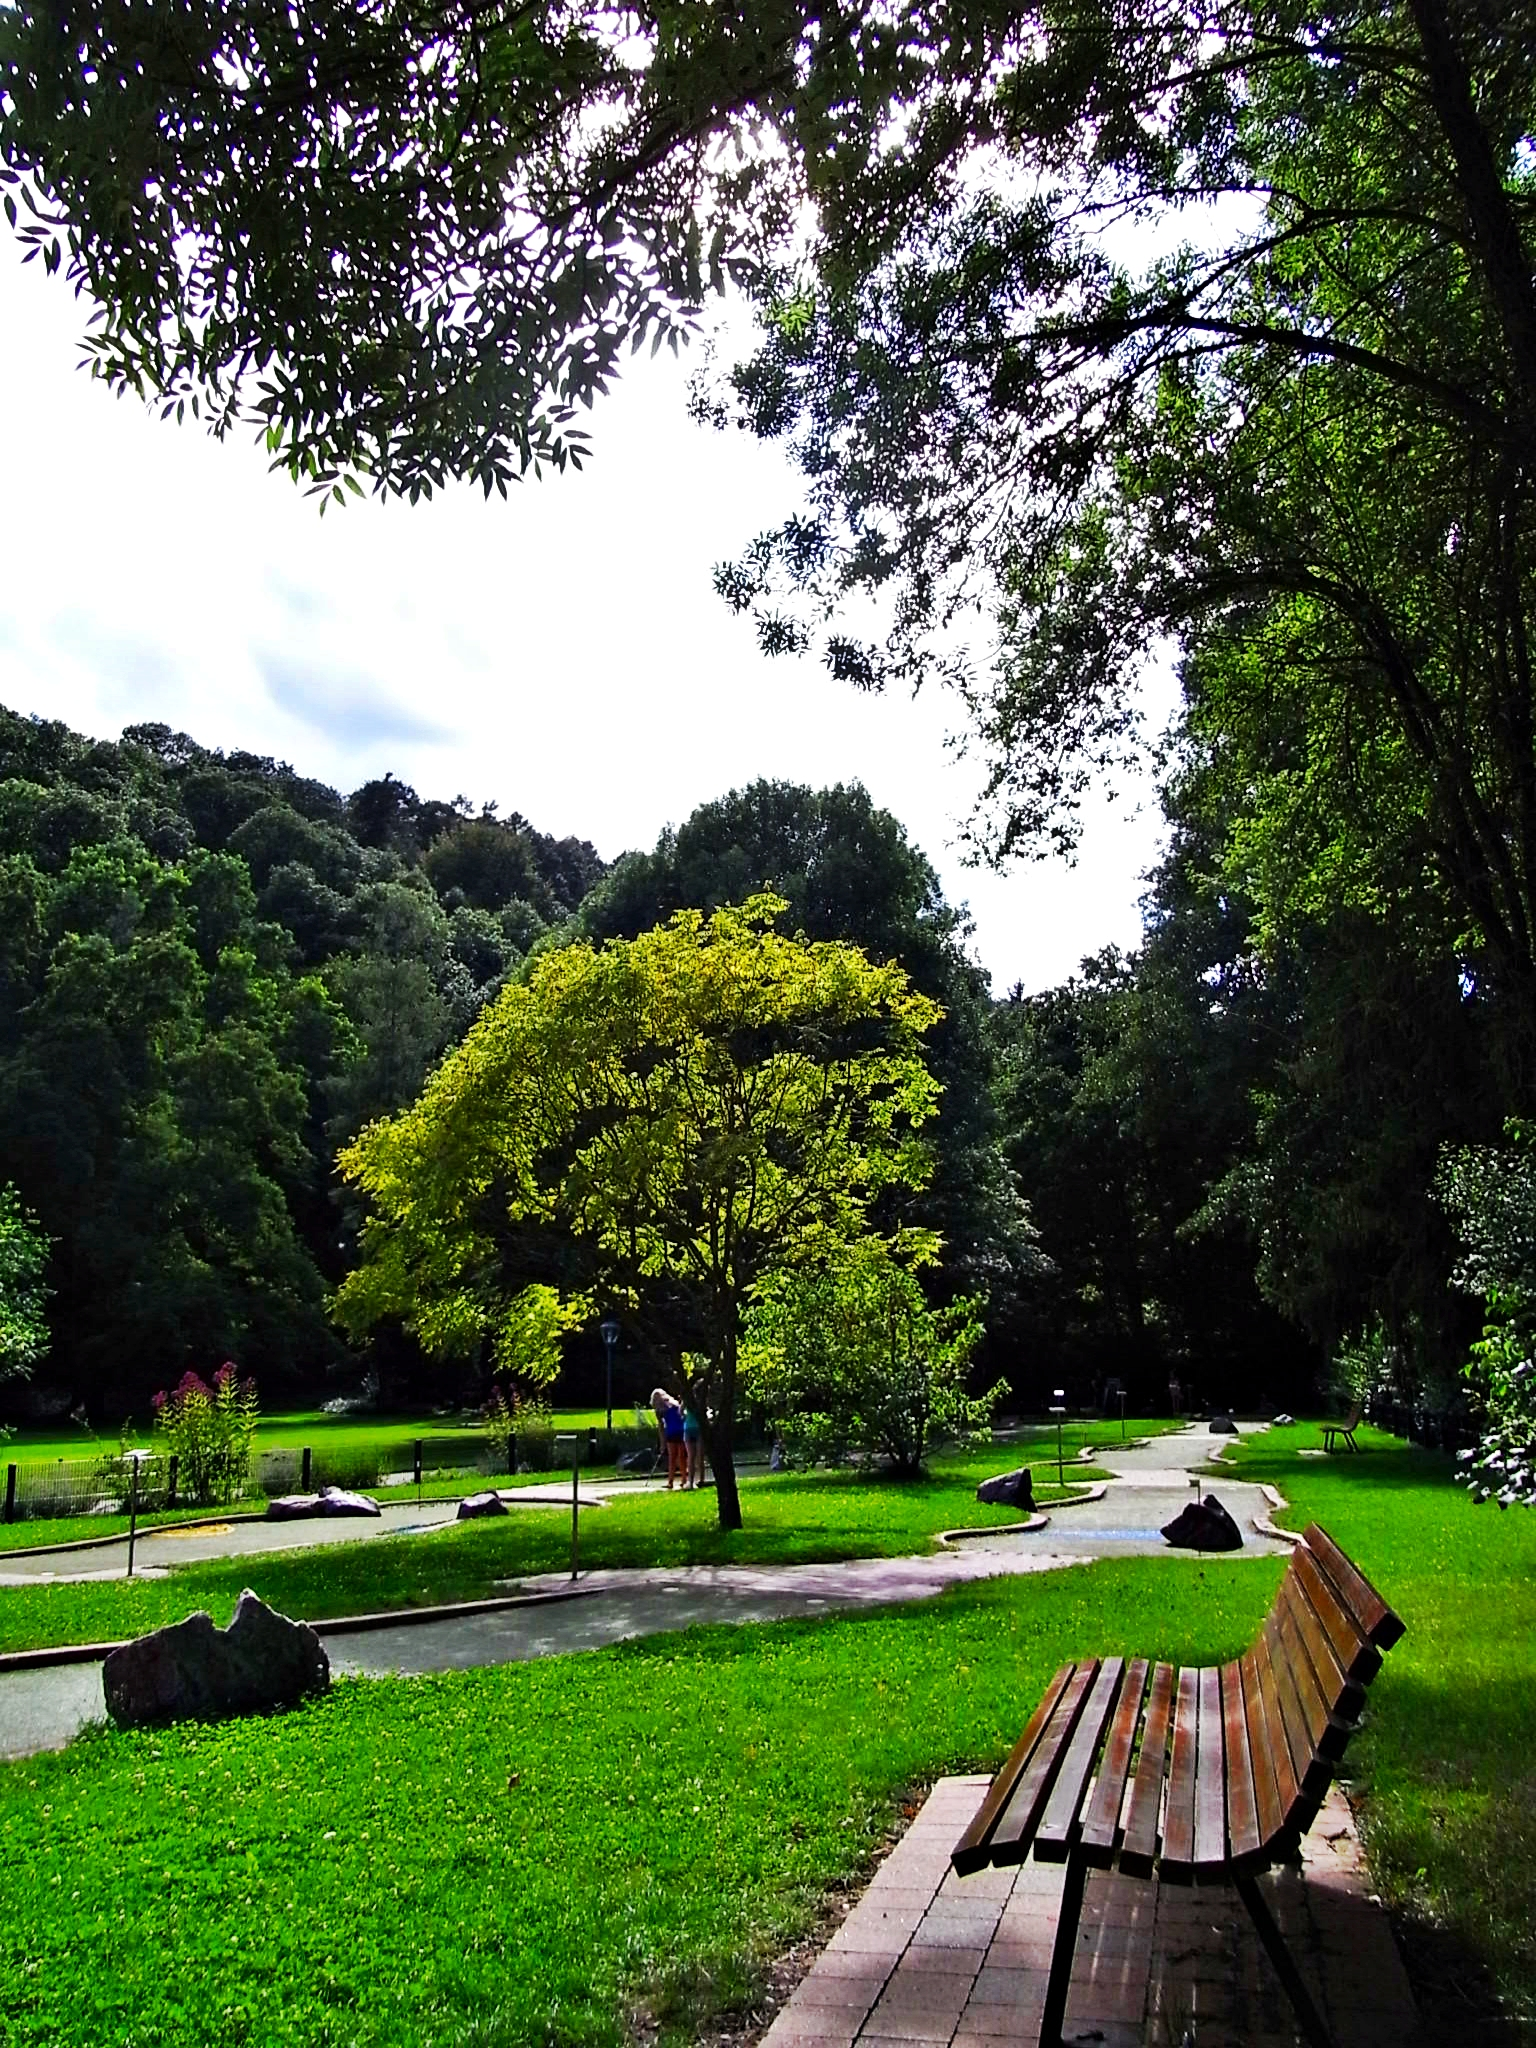 Parklandschaft mit Bank.